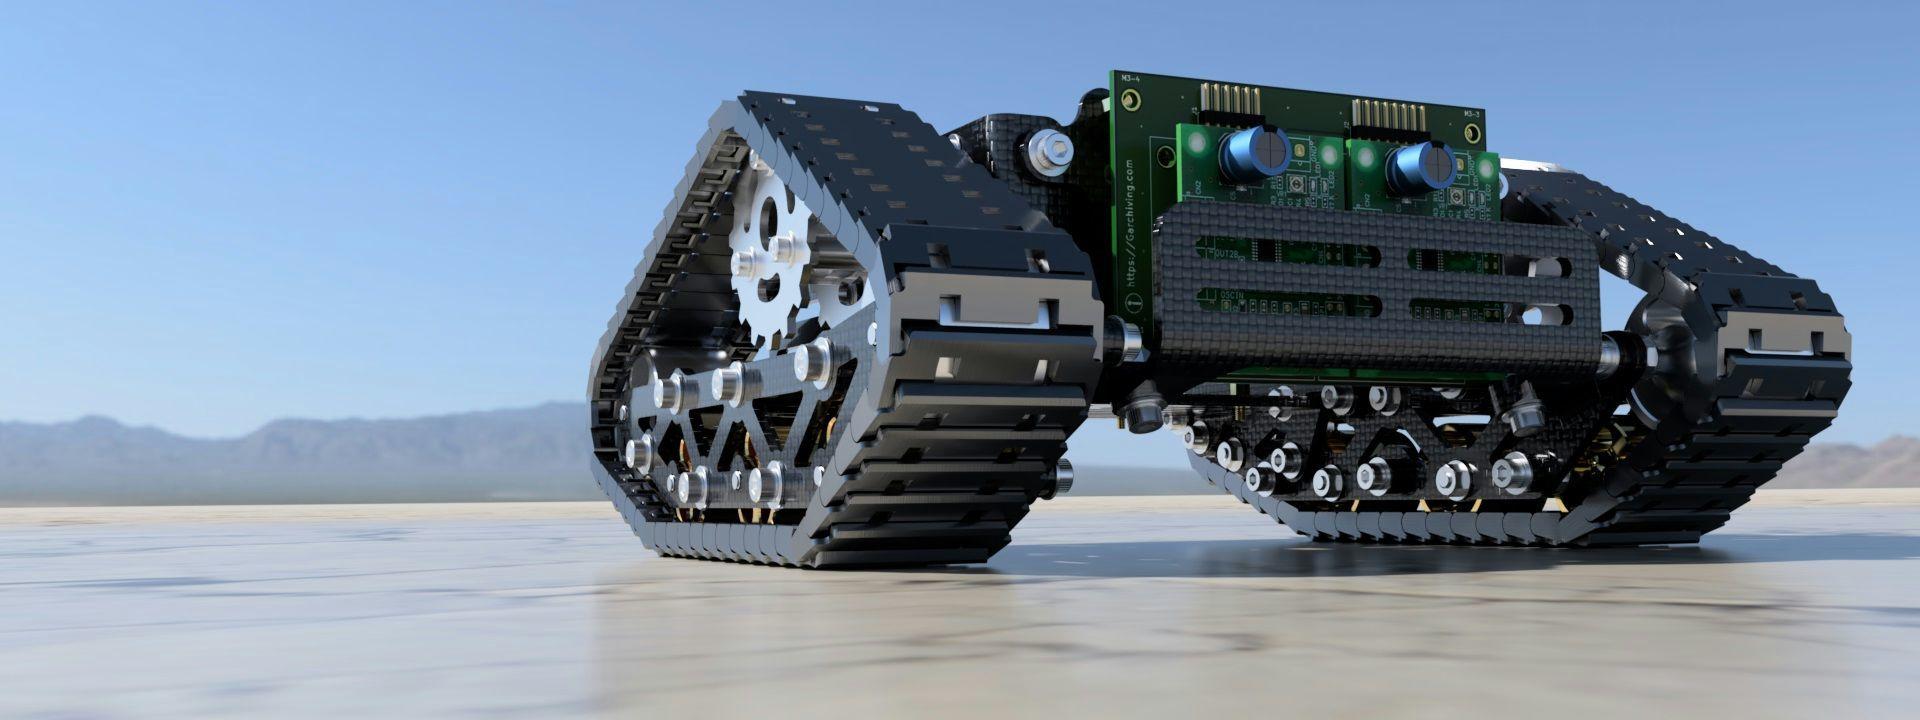 00-top-view-image-crawler-robot-04-3500-3500